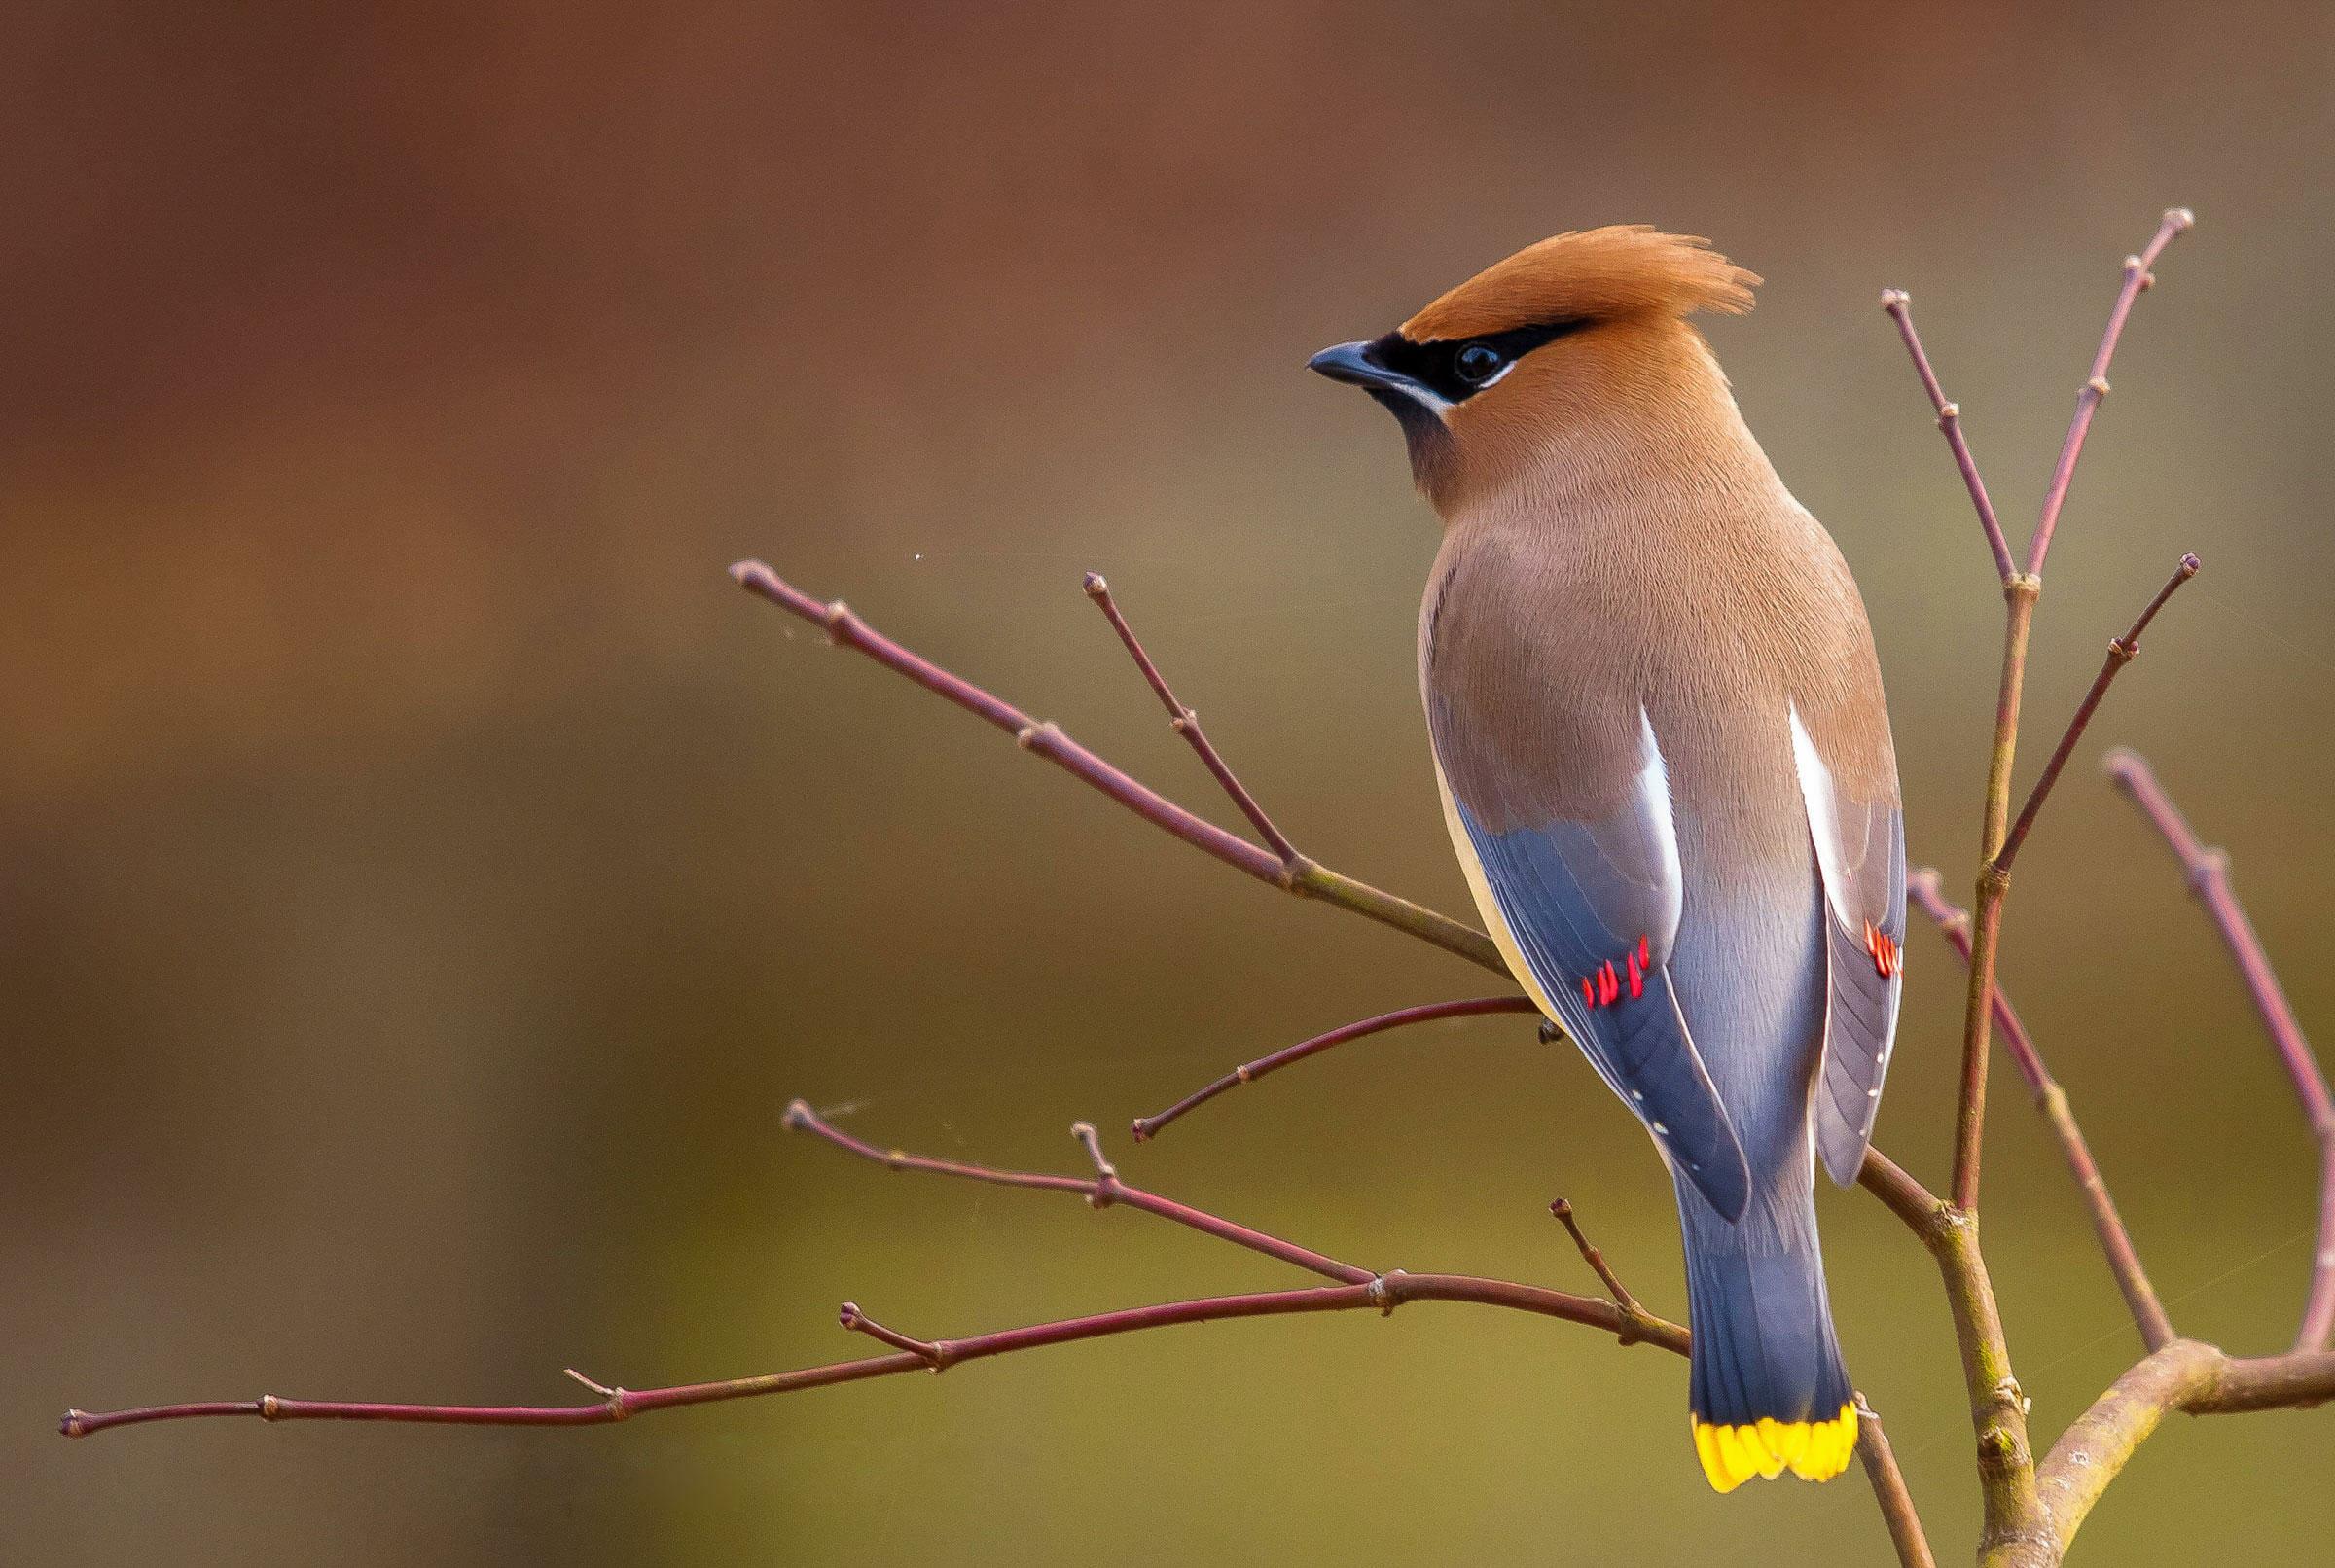 Novidade: Parque das Aves inaugura mais um atrativo ave